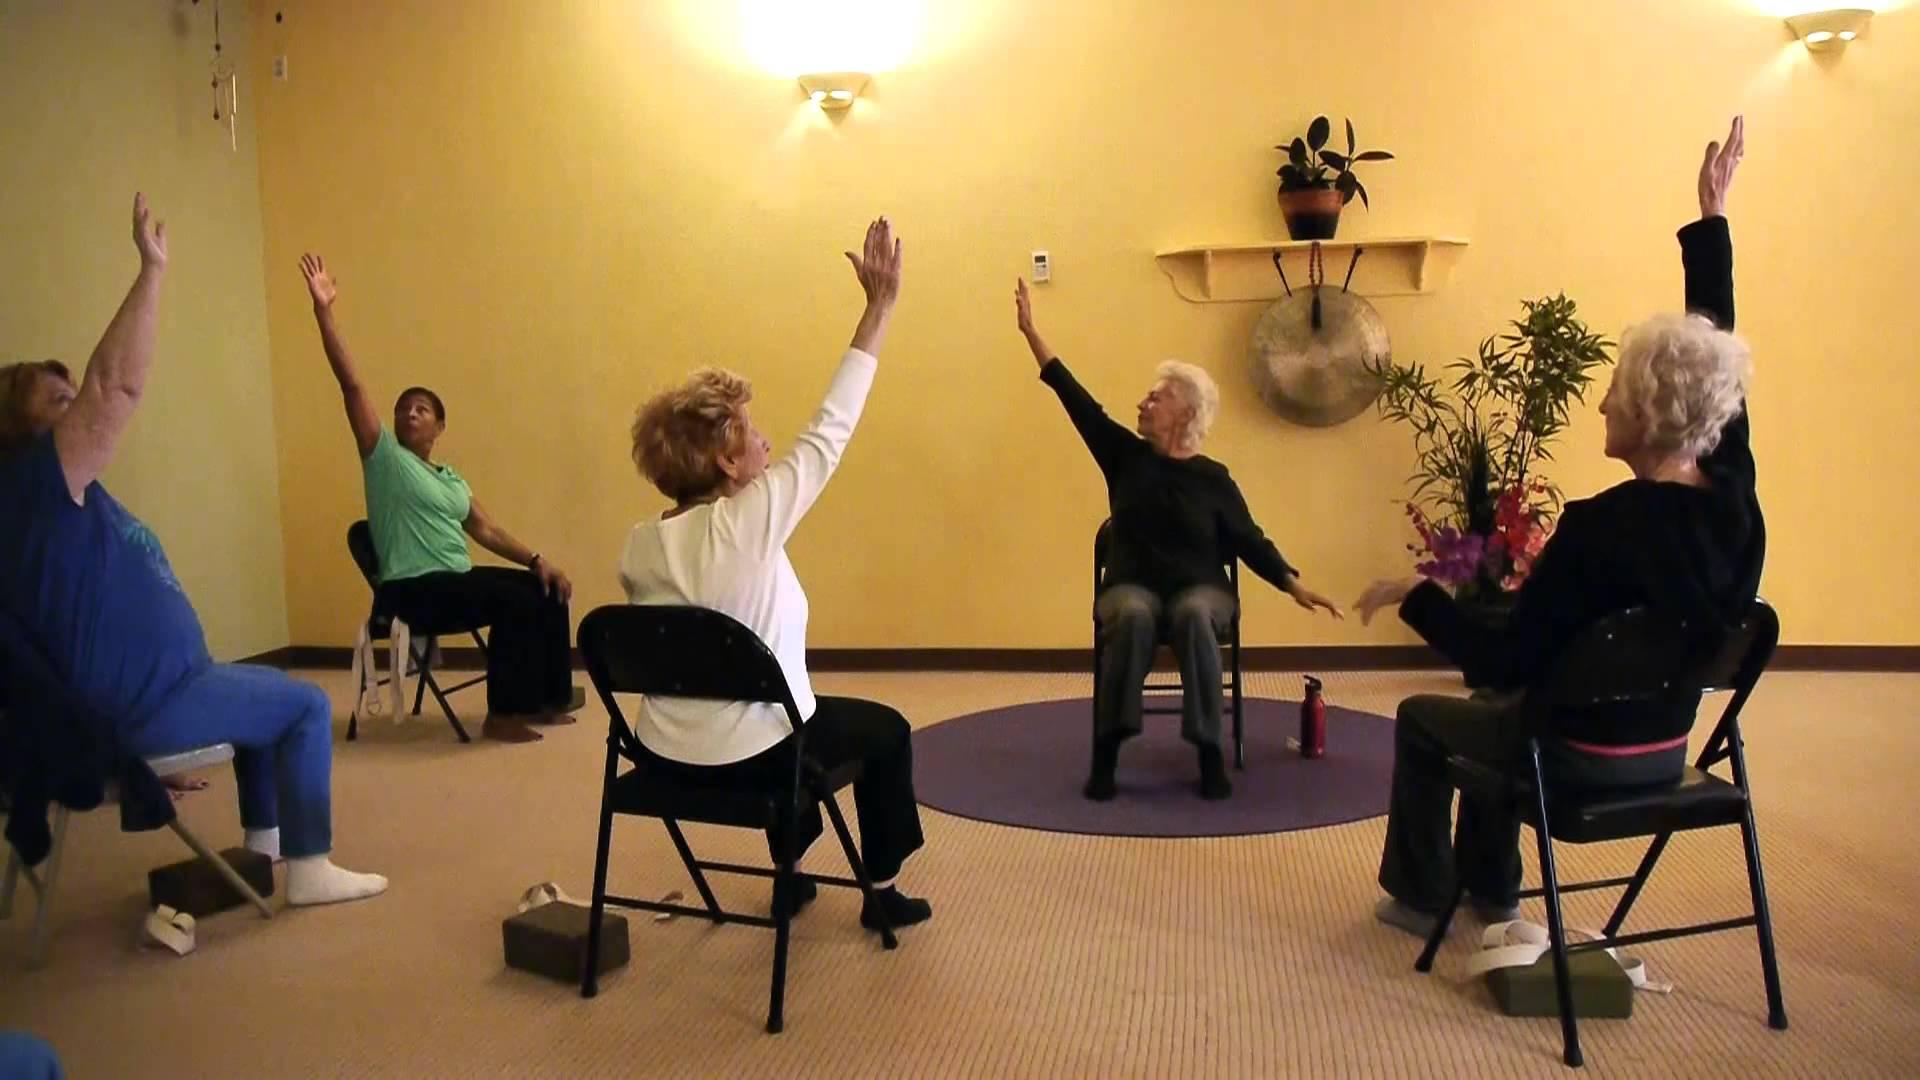 chair yoga for seniors kmart desk toni sheads